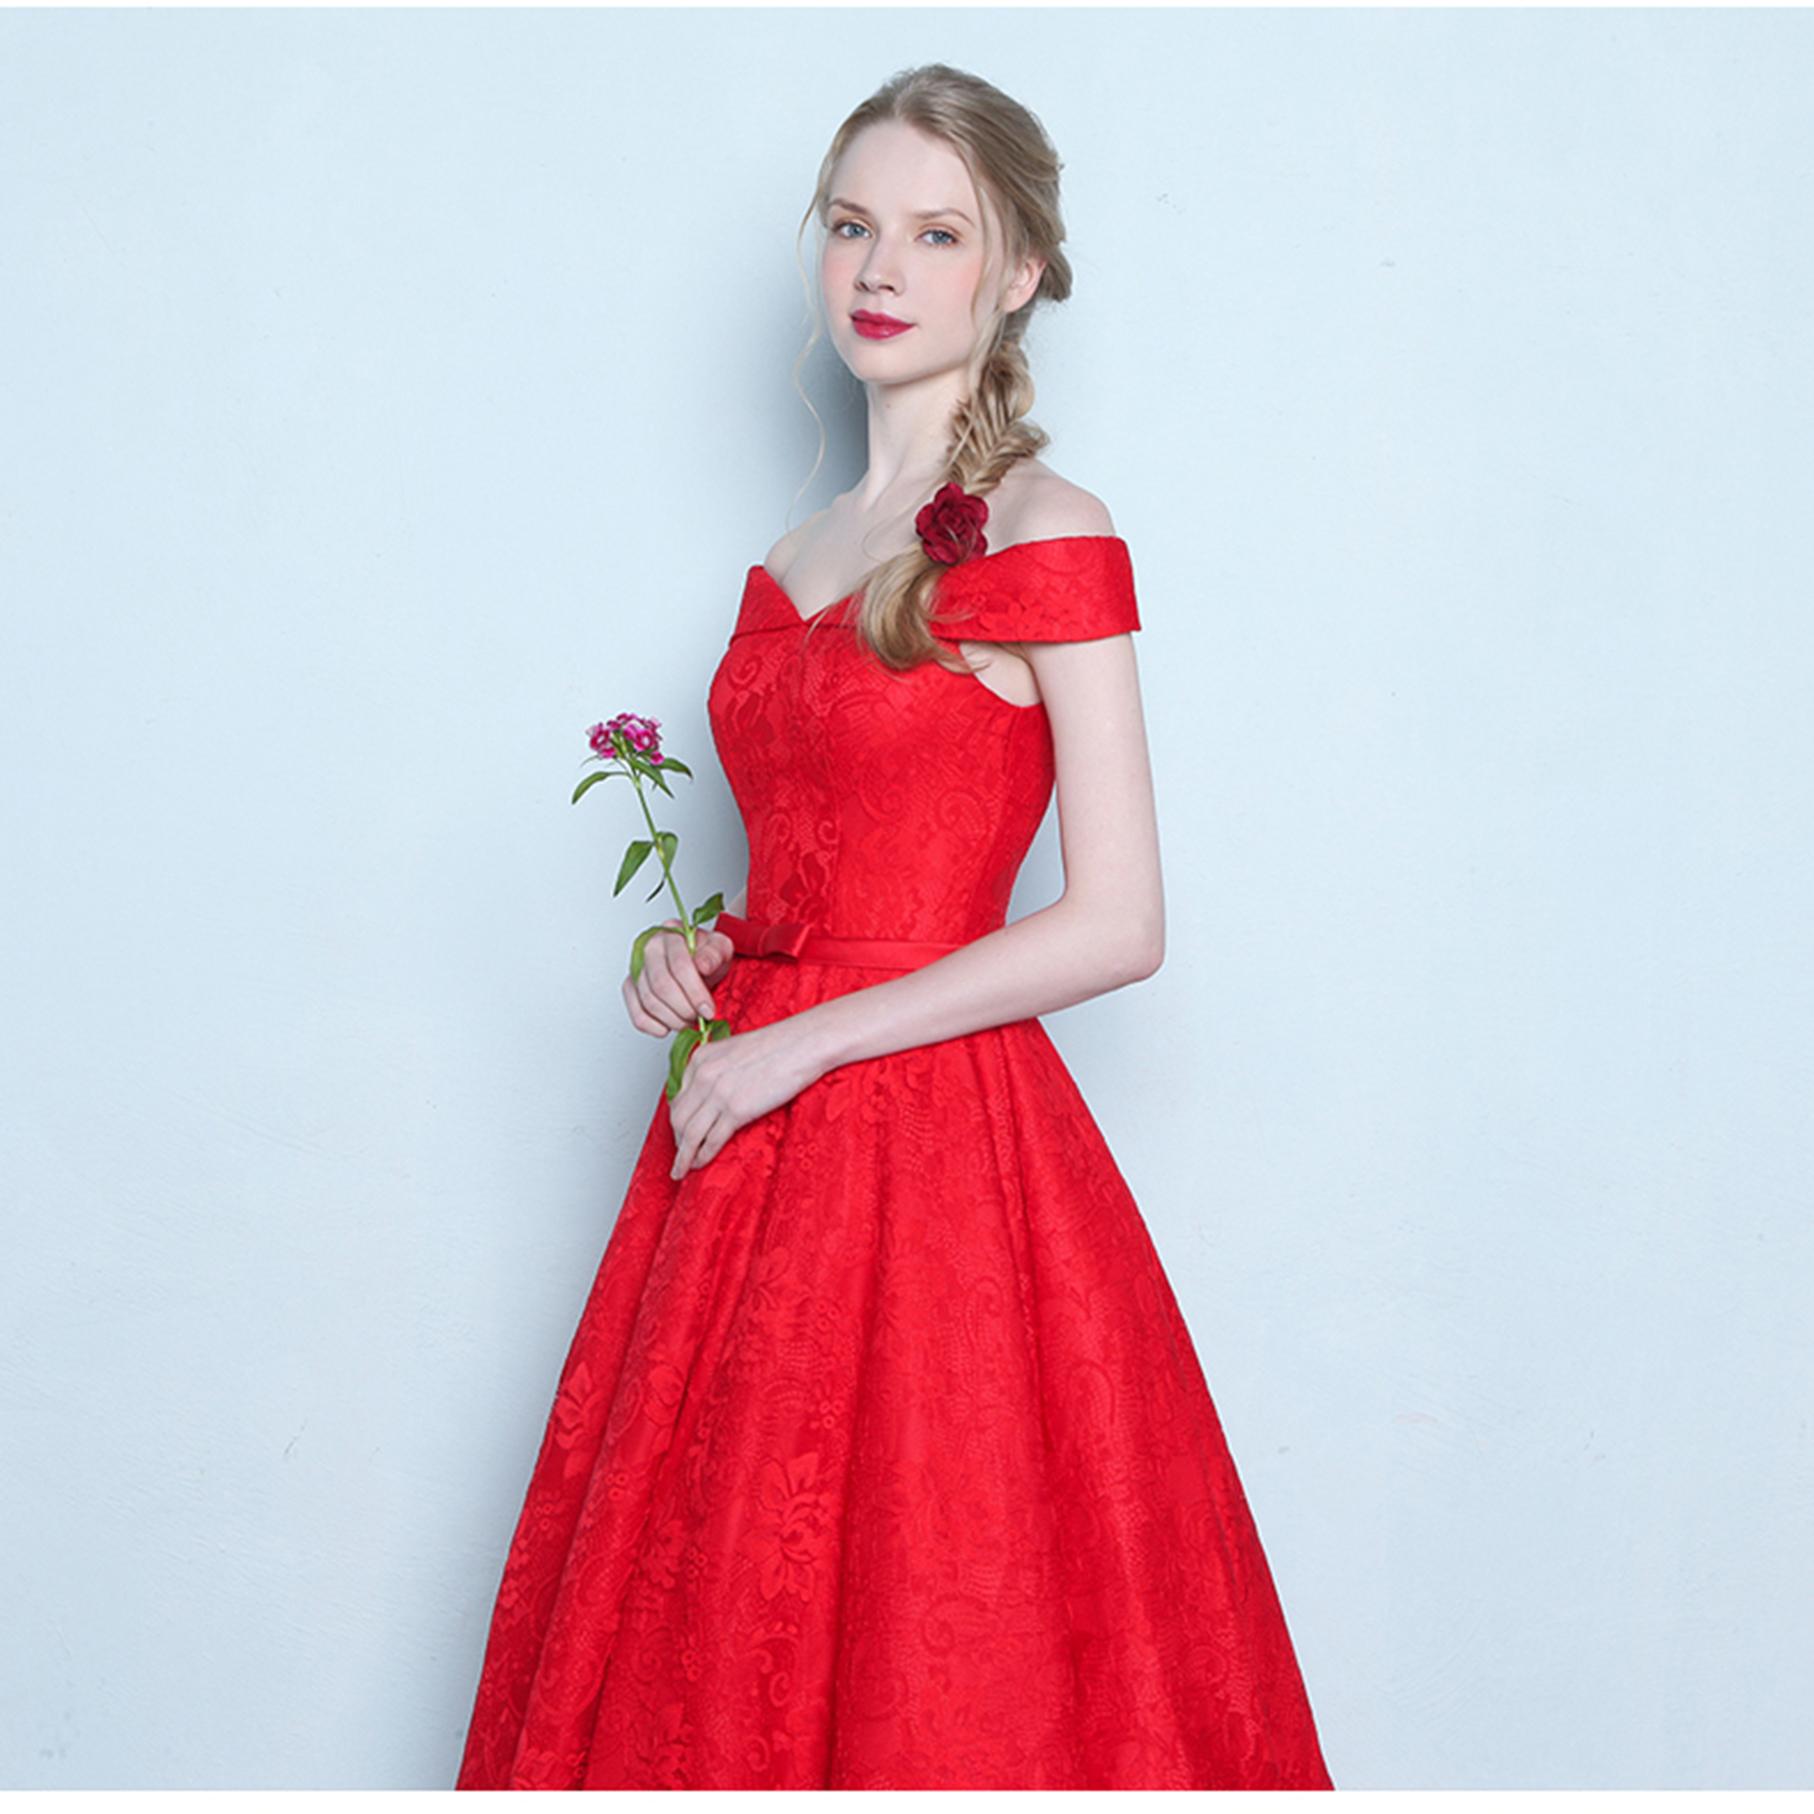 连衣裙颜色有藏蓝色,红色,黑色,白色这几种颜色哪个图片